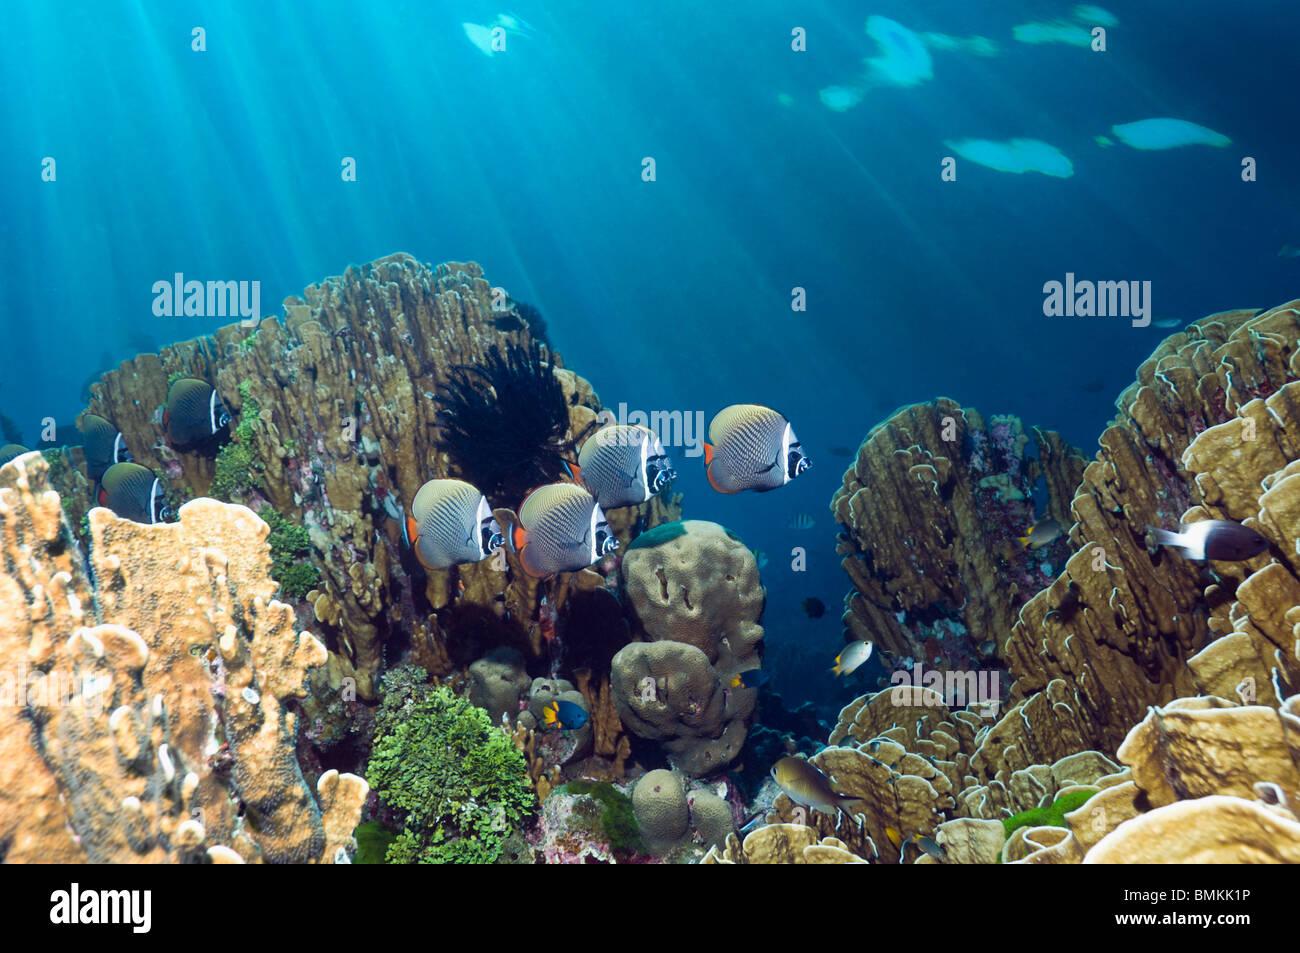 Redtail ou papillons munis de natation sur Blue Coral, qui est un fossile vivant. La mer d'Andaman, en Thaïlande. Photo Stock